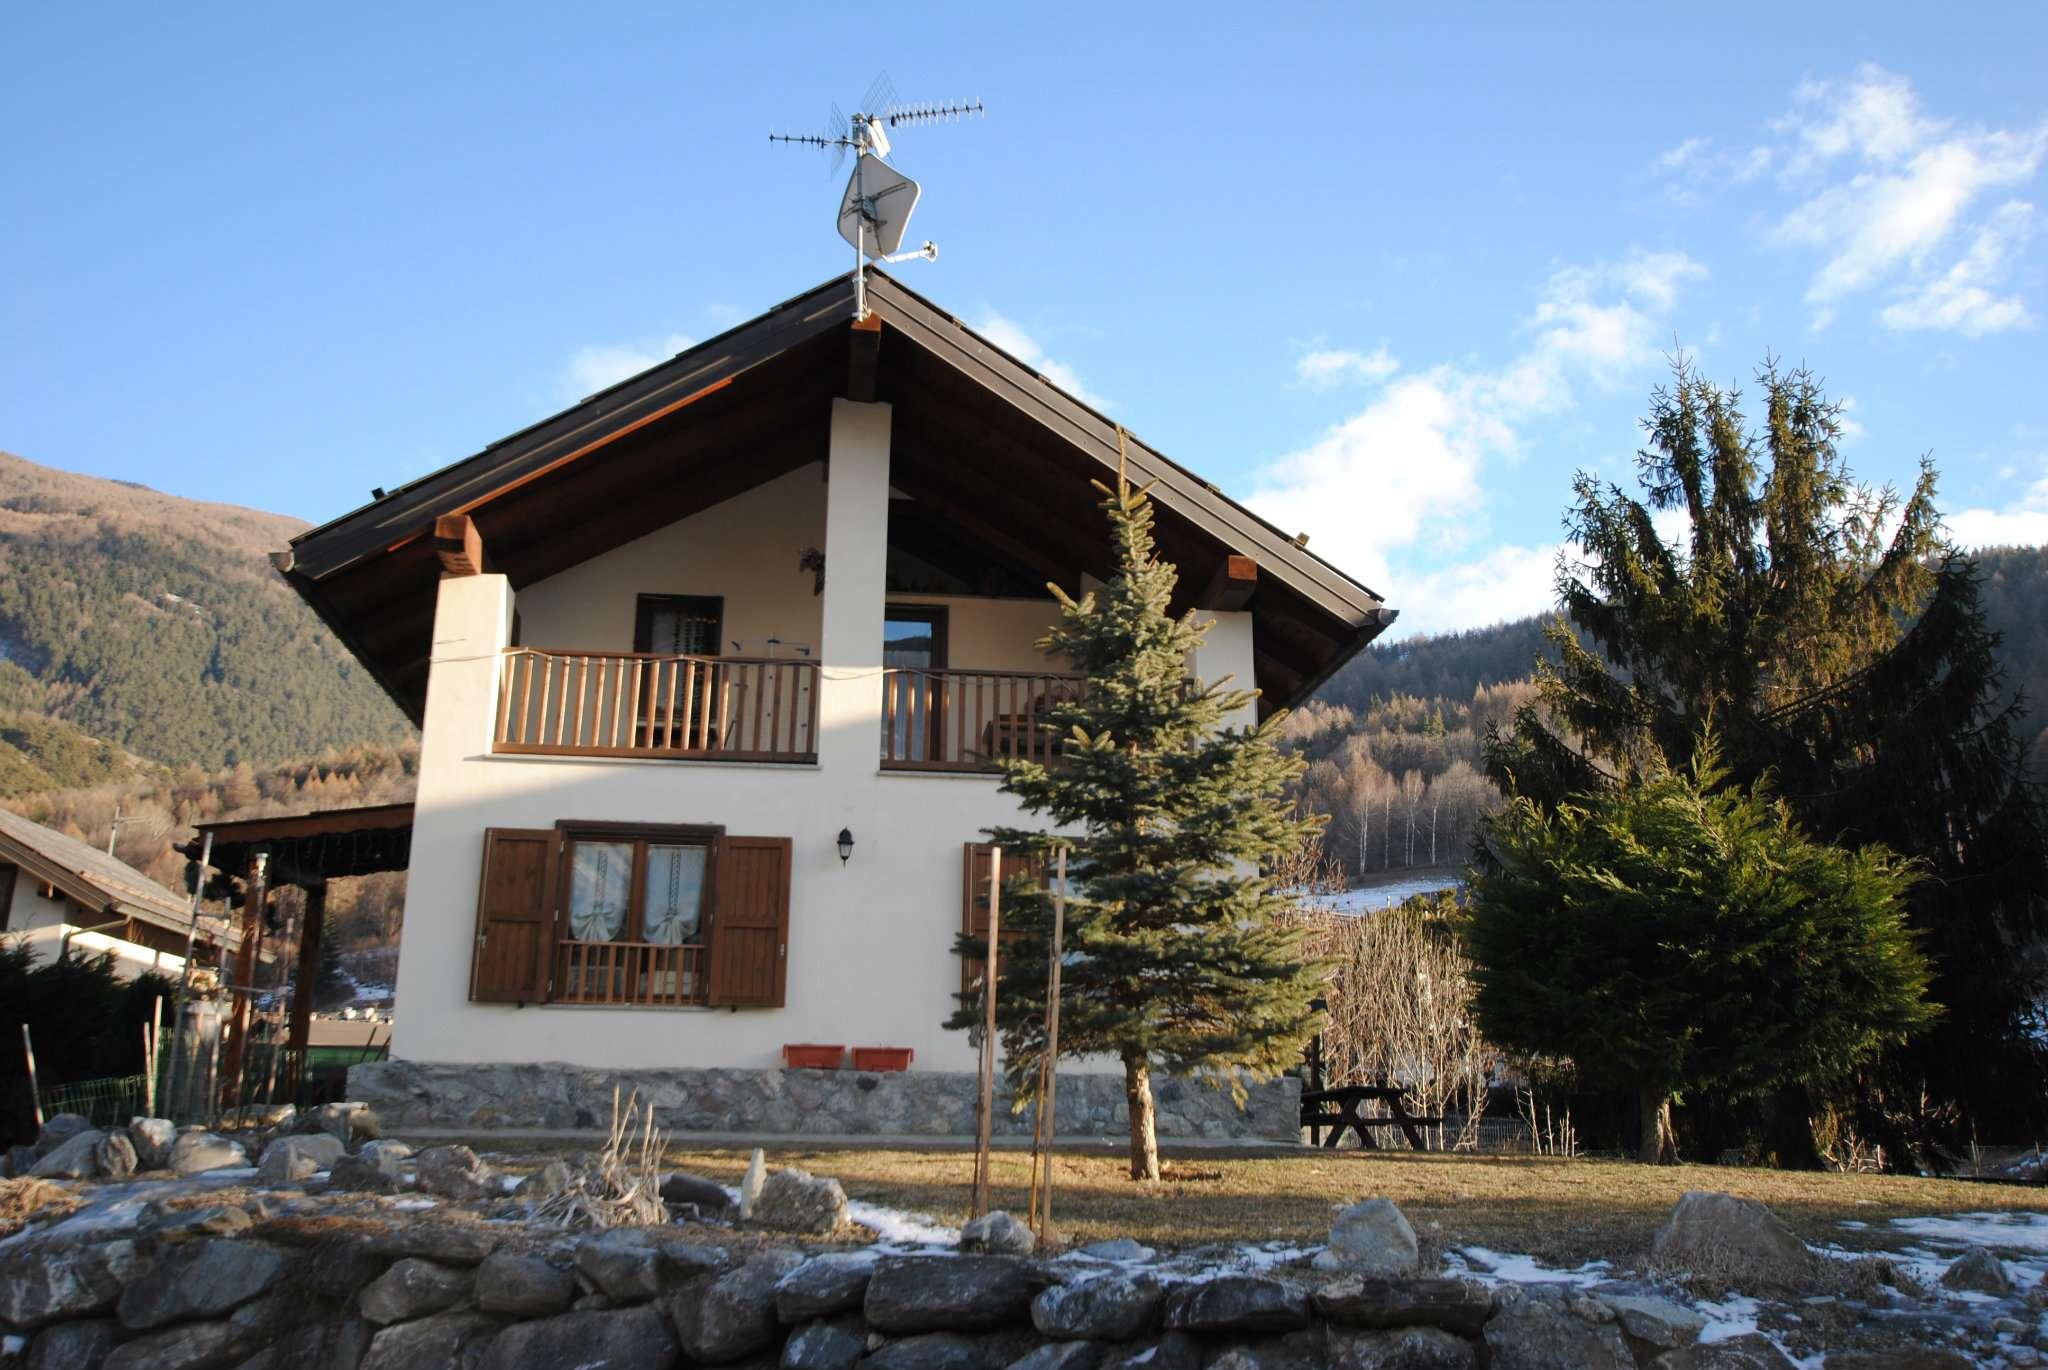 Villa in vendita a Oulx, 5 locali, prezzo € 300.000 | Cambio Casa.it